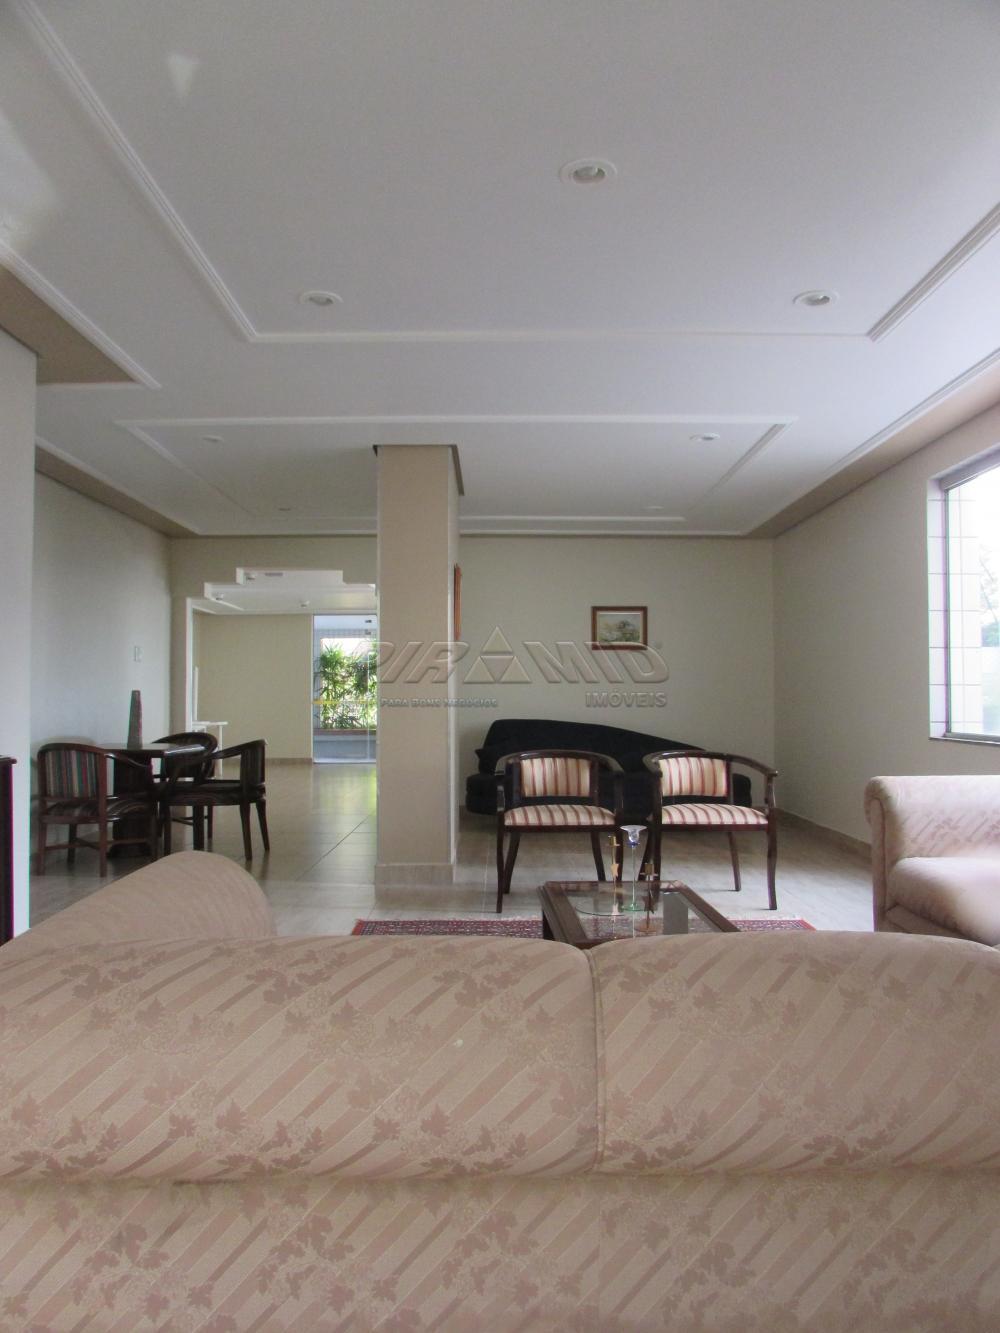 Comprar Apartamento / Padrão em Ribeirão Preto R$ 390.000,00 - Foto 18